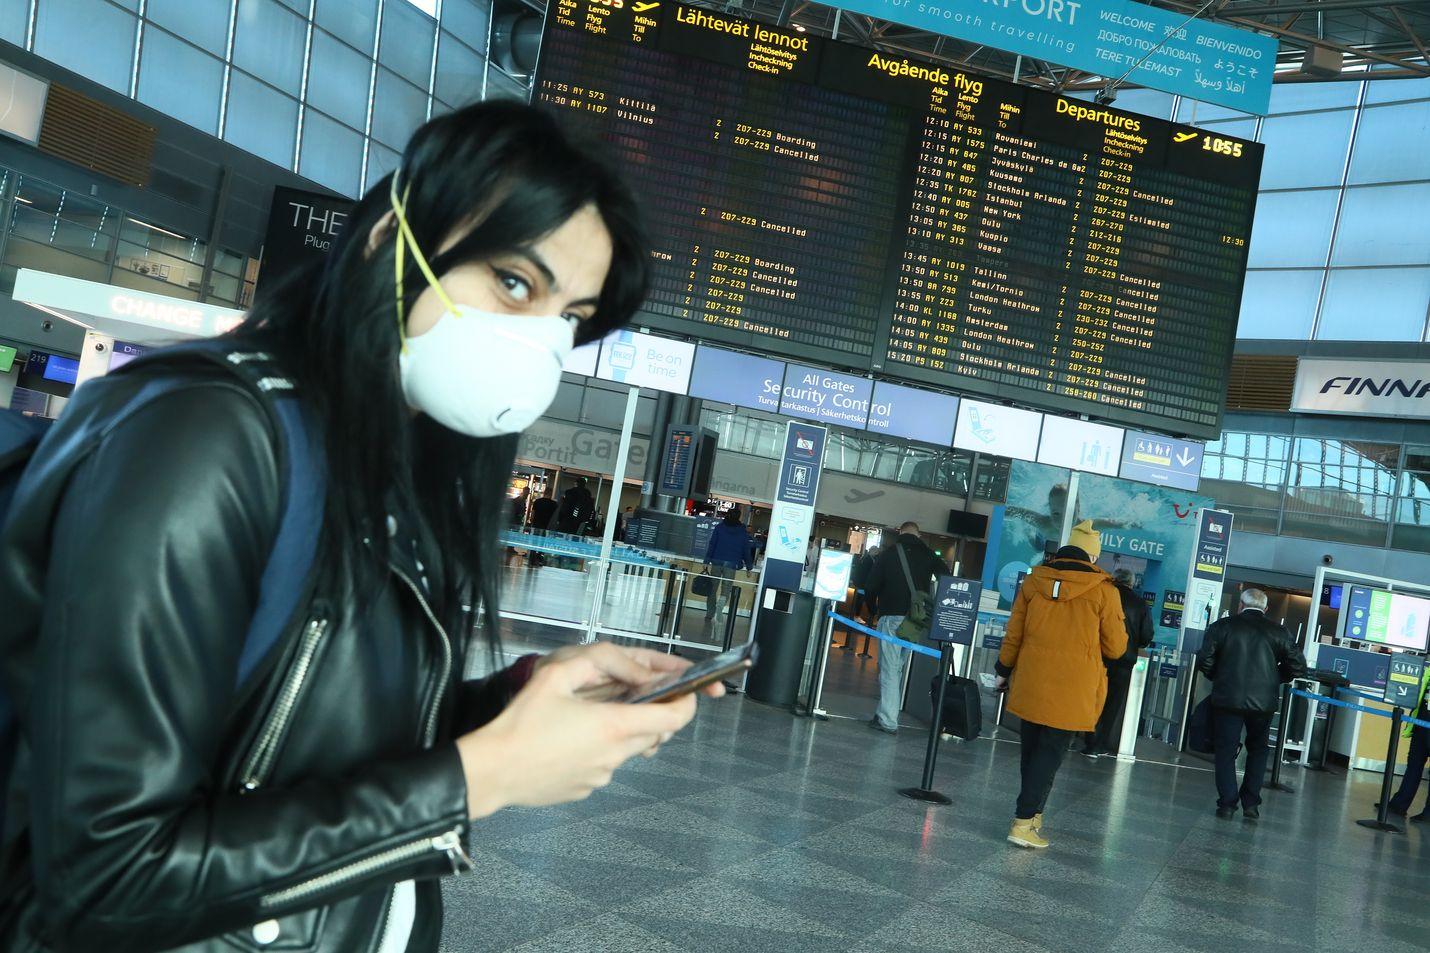 Toistaiseksi suomalaisten matkustamista ulkomaille ei Helsinki Vantaan lentokentällä ole rajoitettu mitenkään. Kuva on tiistain aamupäivältä: matkustajia meni edelleen turvatarkastukseen.